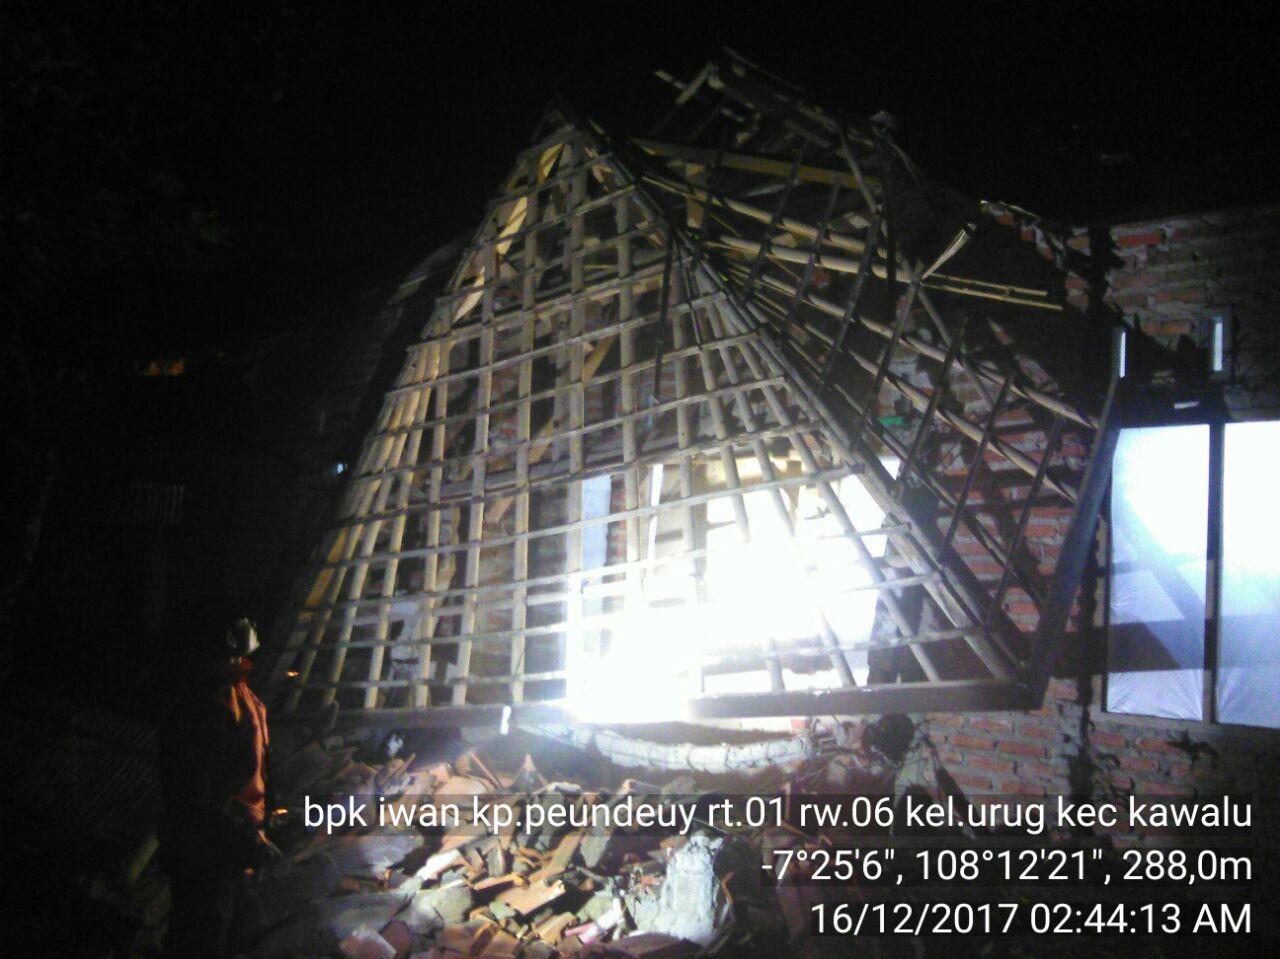 2 killed, 7 injured in Java quake: Agency